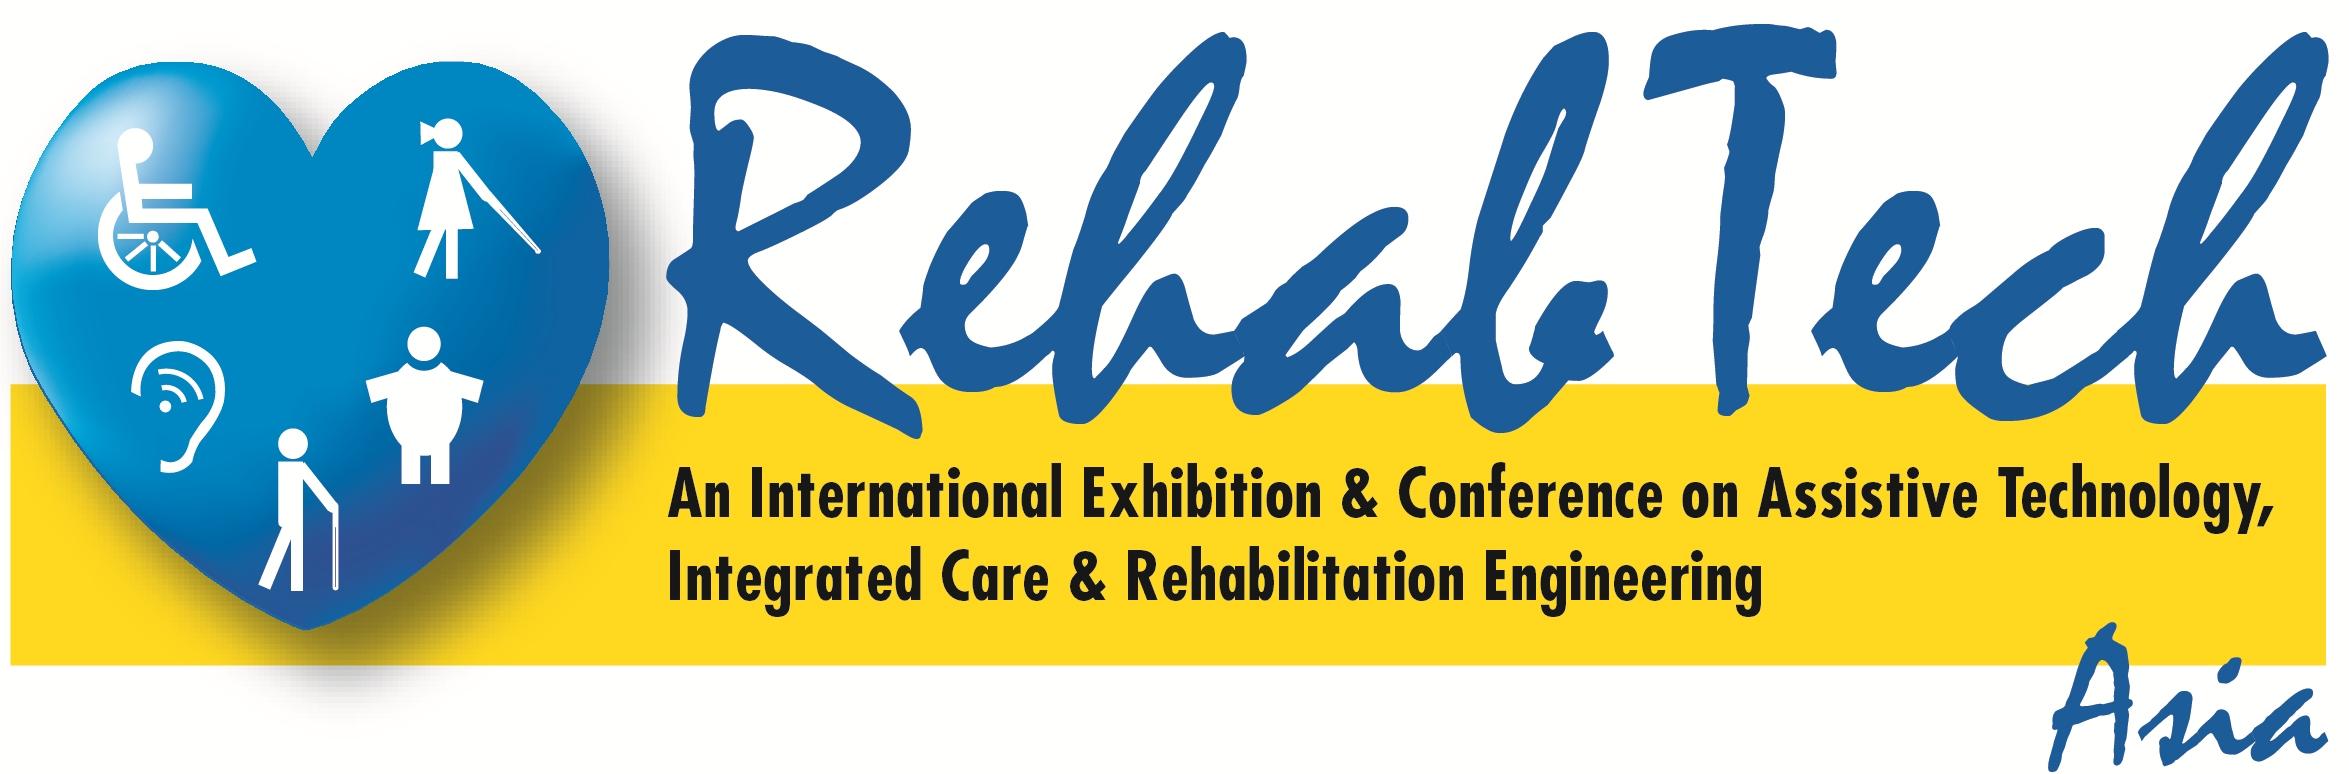 RehabTech Asia 2015